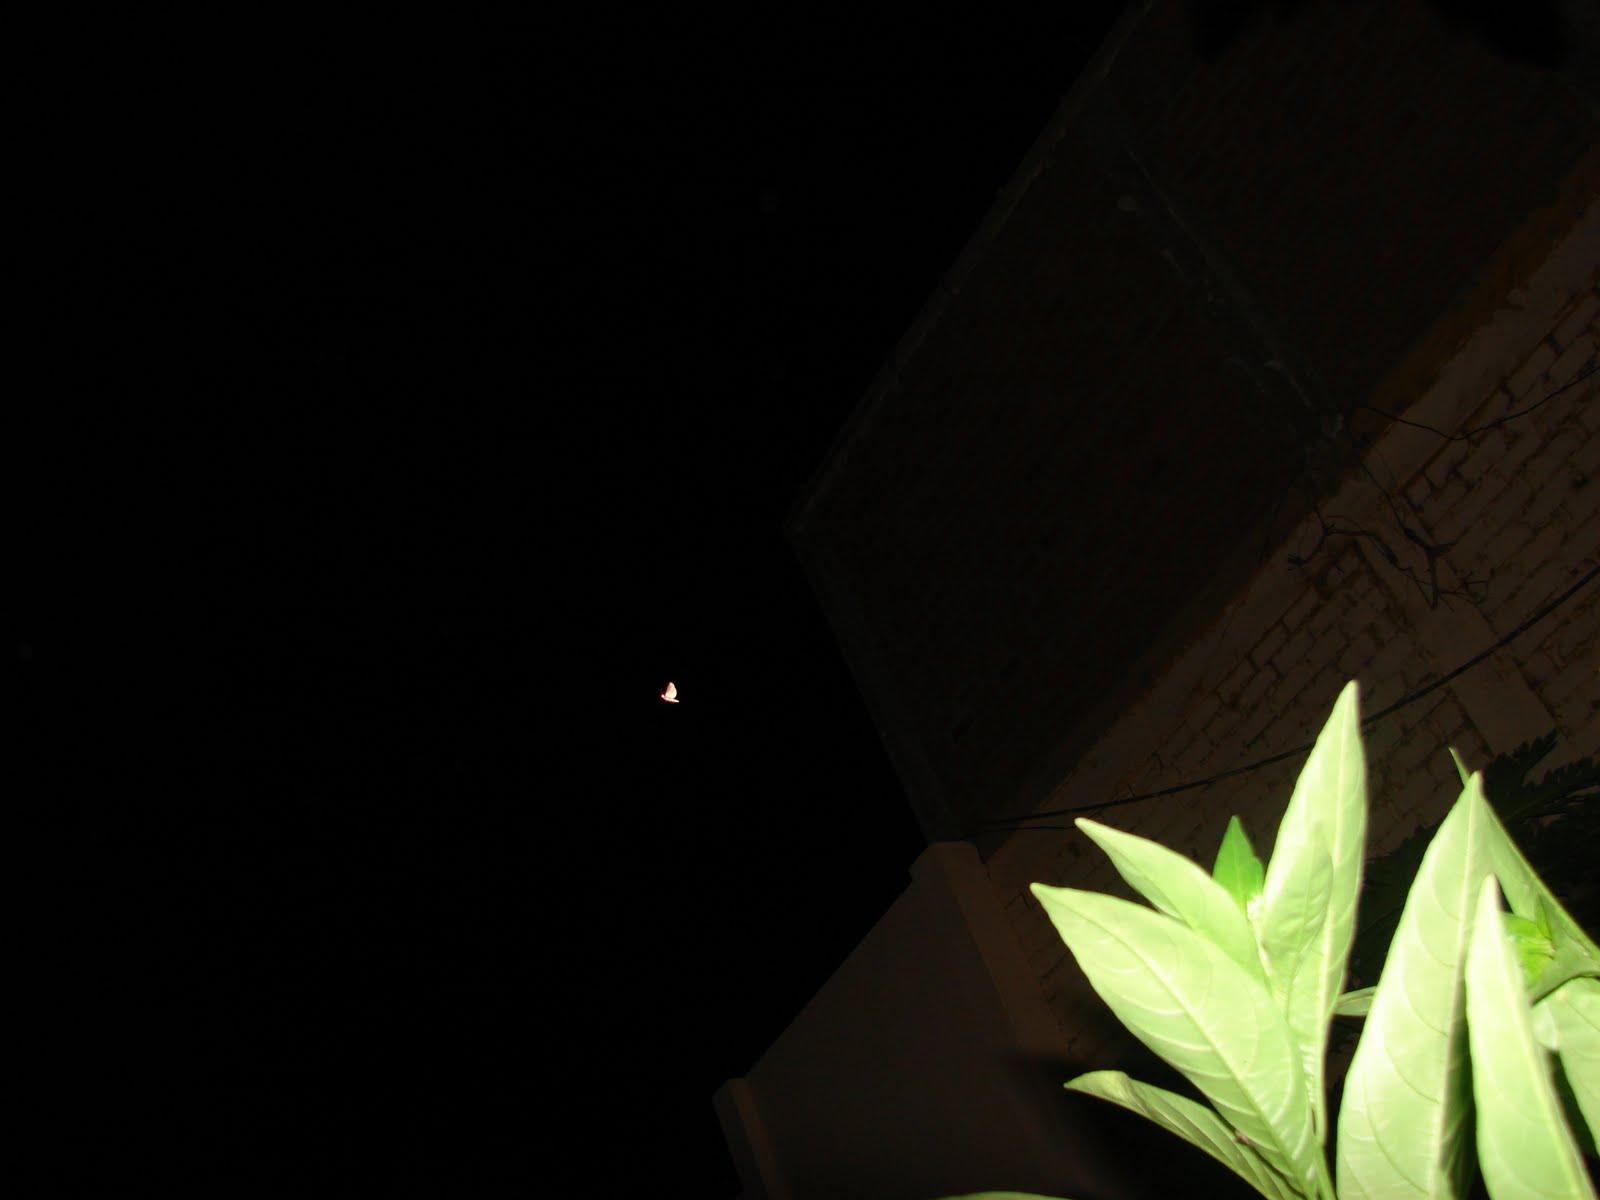 ATENCION-15-mAYO-16-17-18-19...2011 Utimos avistamientos ET Ovni-´´MARIPOSA´´ sec.hrs 2:06:40 am ..